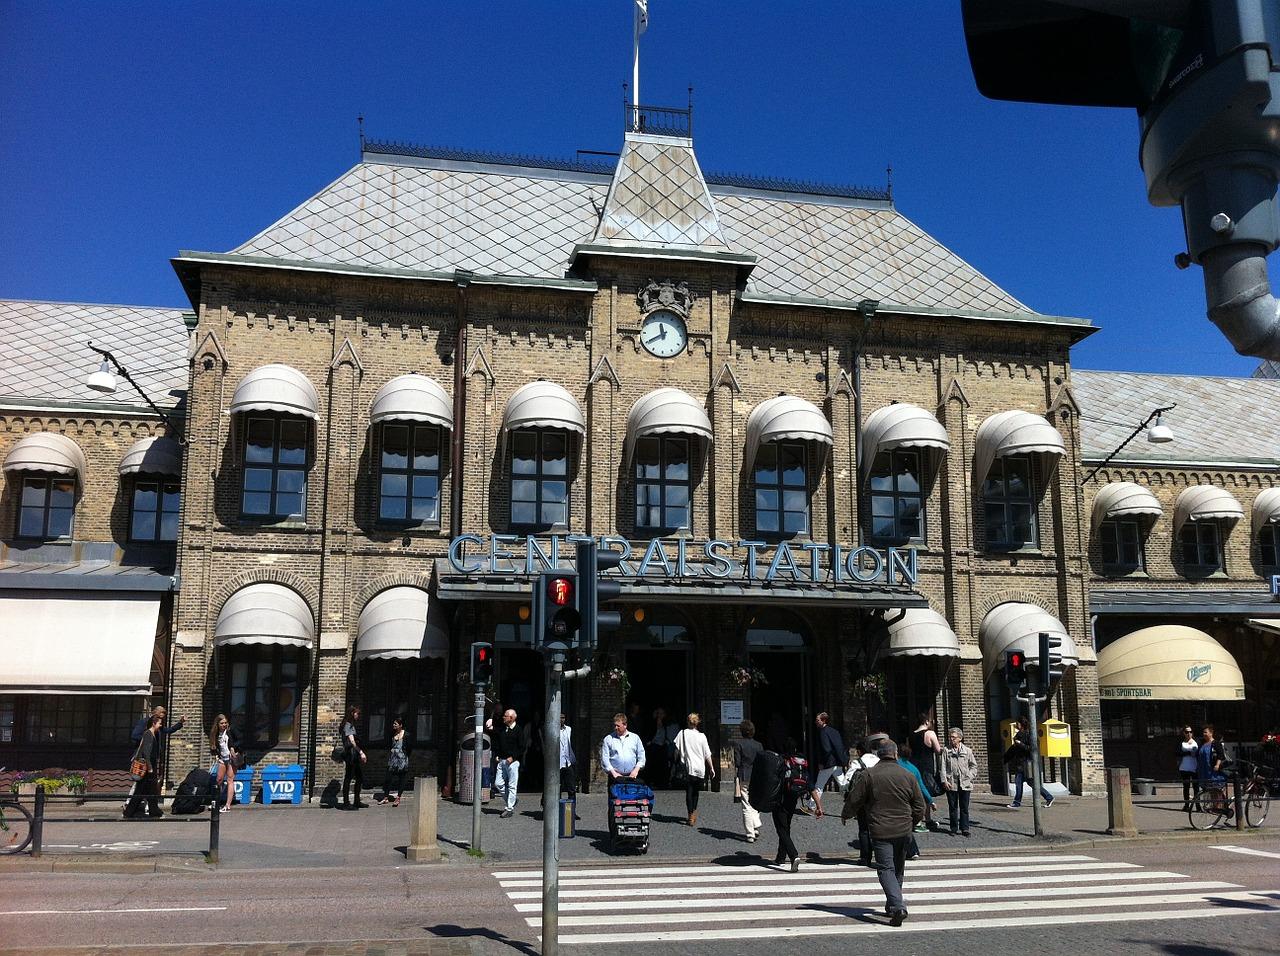 Ta tåget till Göteborg och se Håkan Hellström